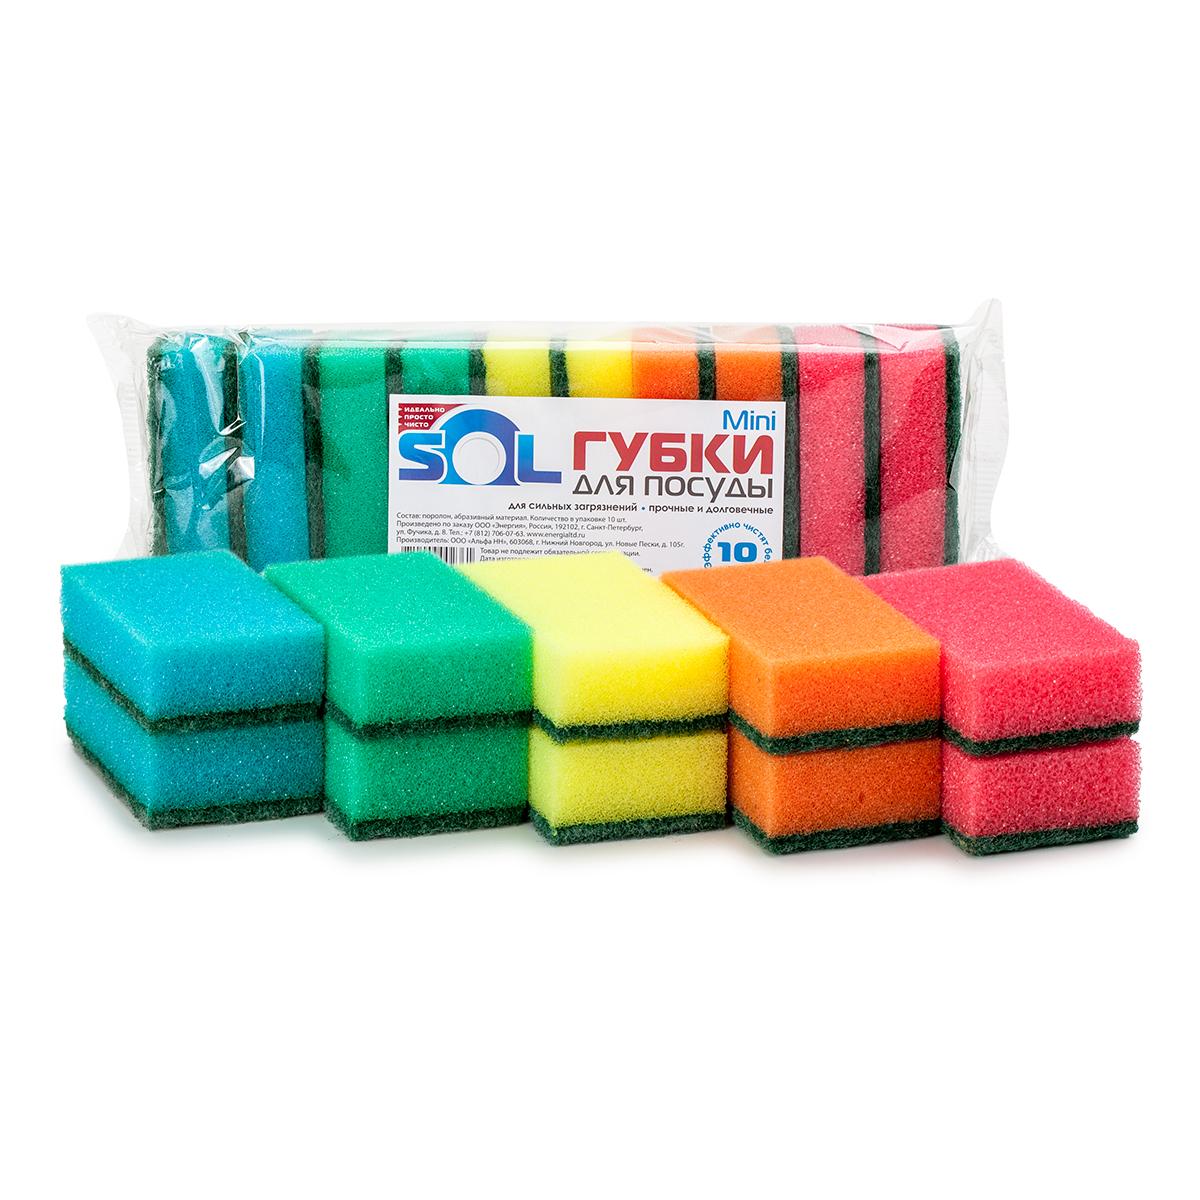 Губка для мытья посуды Sol Mini, 10 шт10023Губки Sol Mini предназначены для мытья посуды и других поверхностей. Выполнены из поролона и абразивного материала. Мягкий слой используется для деликатной чистки и способствует образованию пены, жесткий - для сильных загрязнений.В комплекте 10 губок разного цвета.